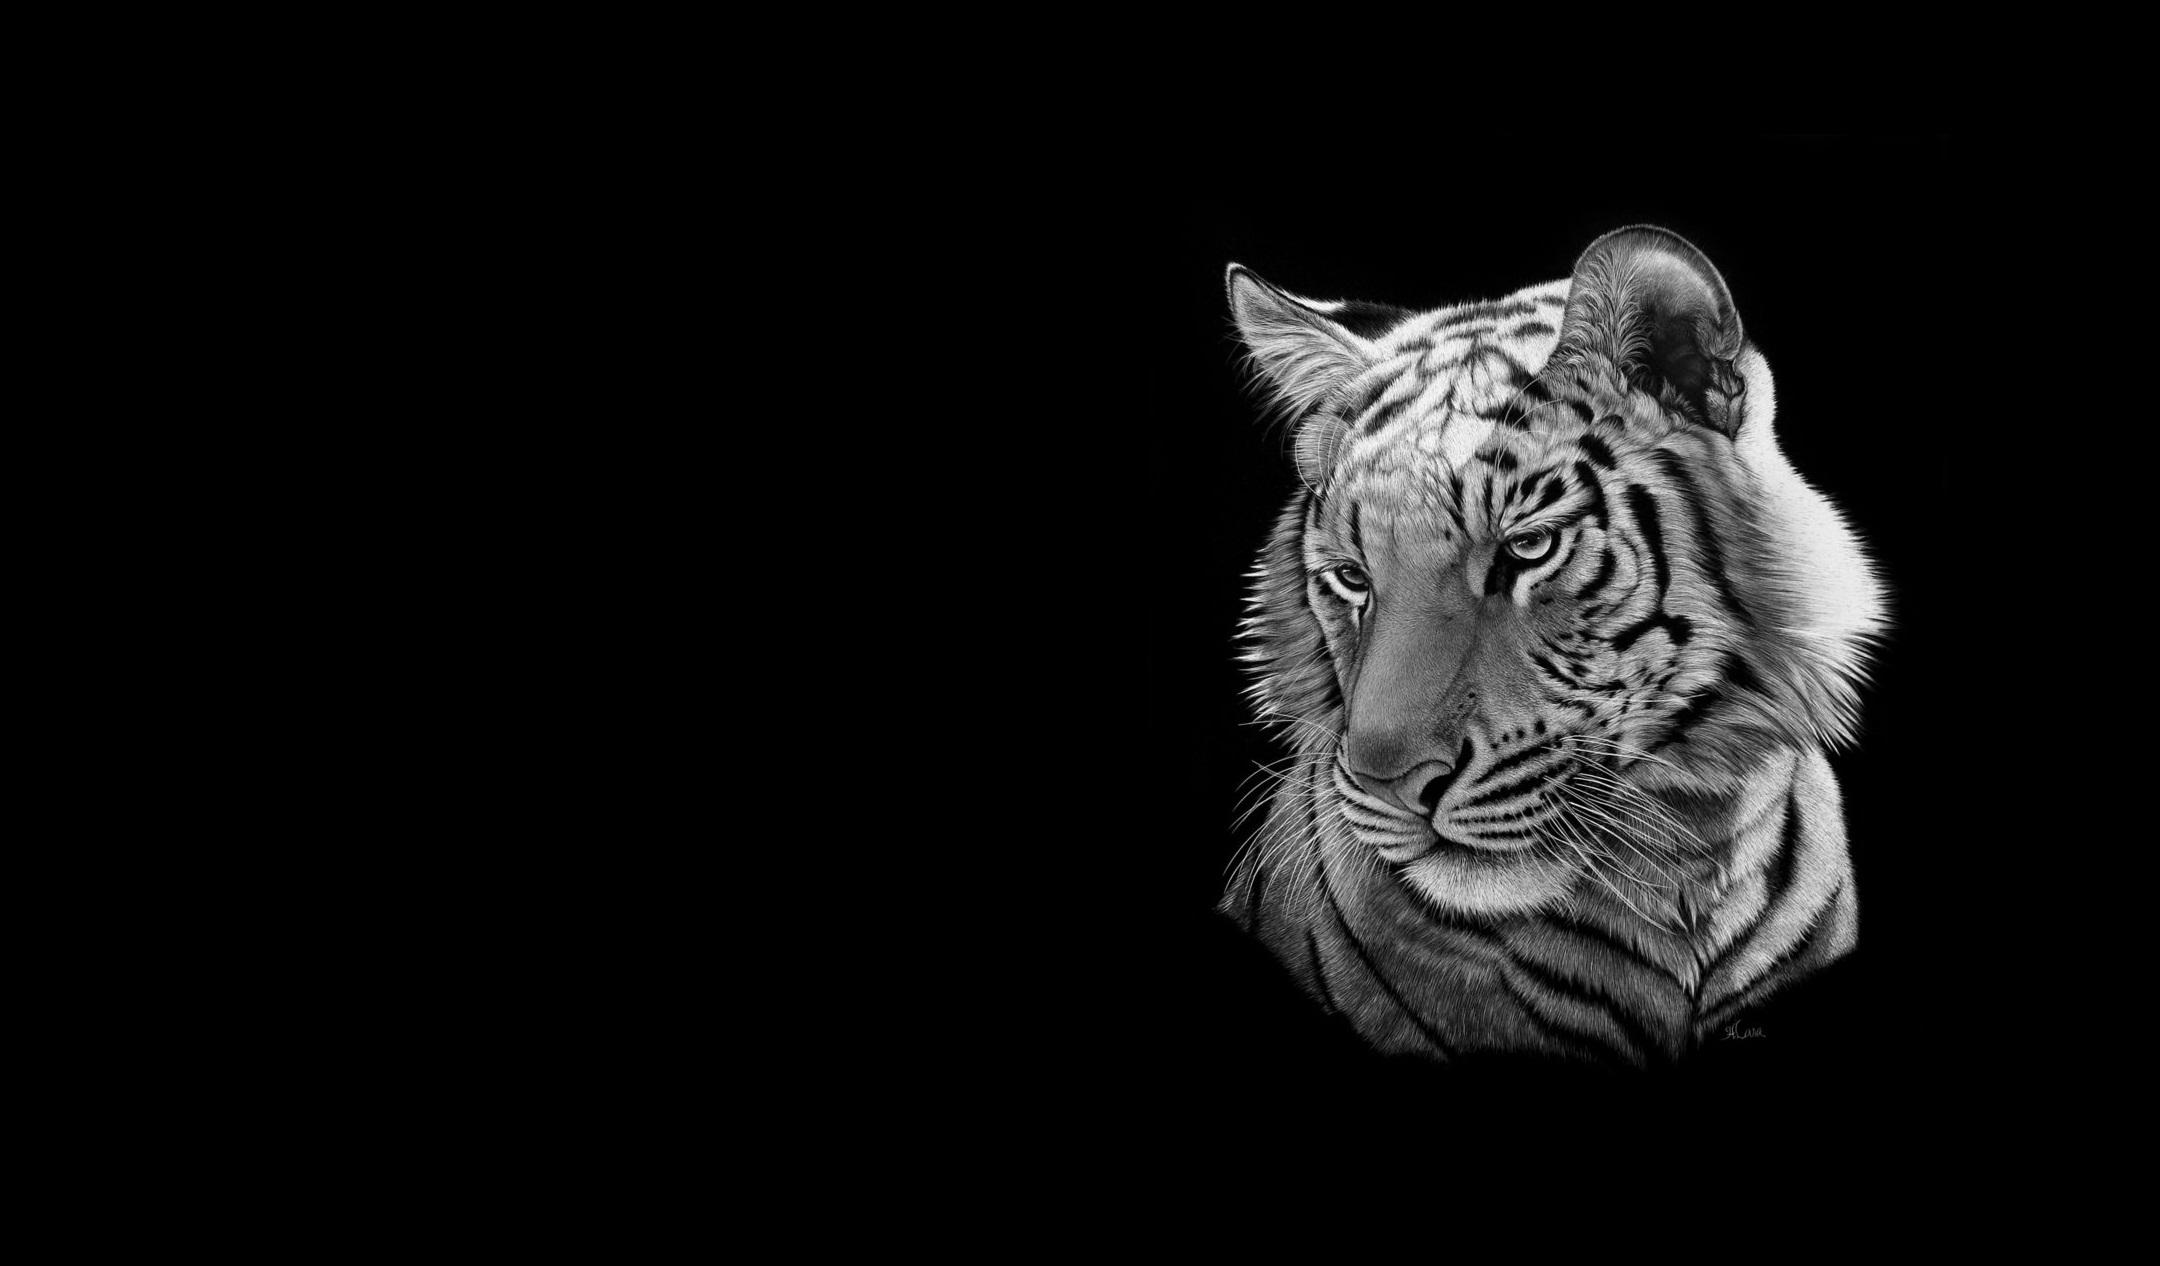 собрали картинки на телефон черно белые тигр годы советской